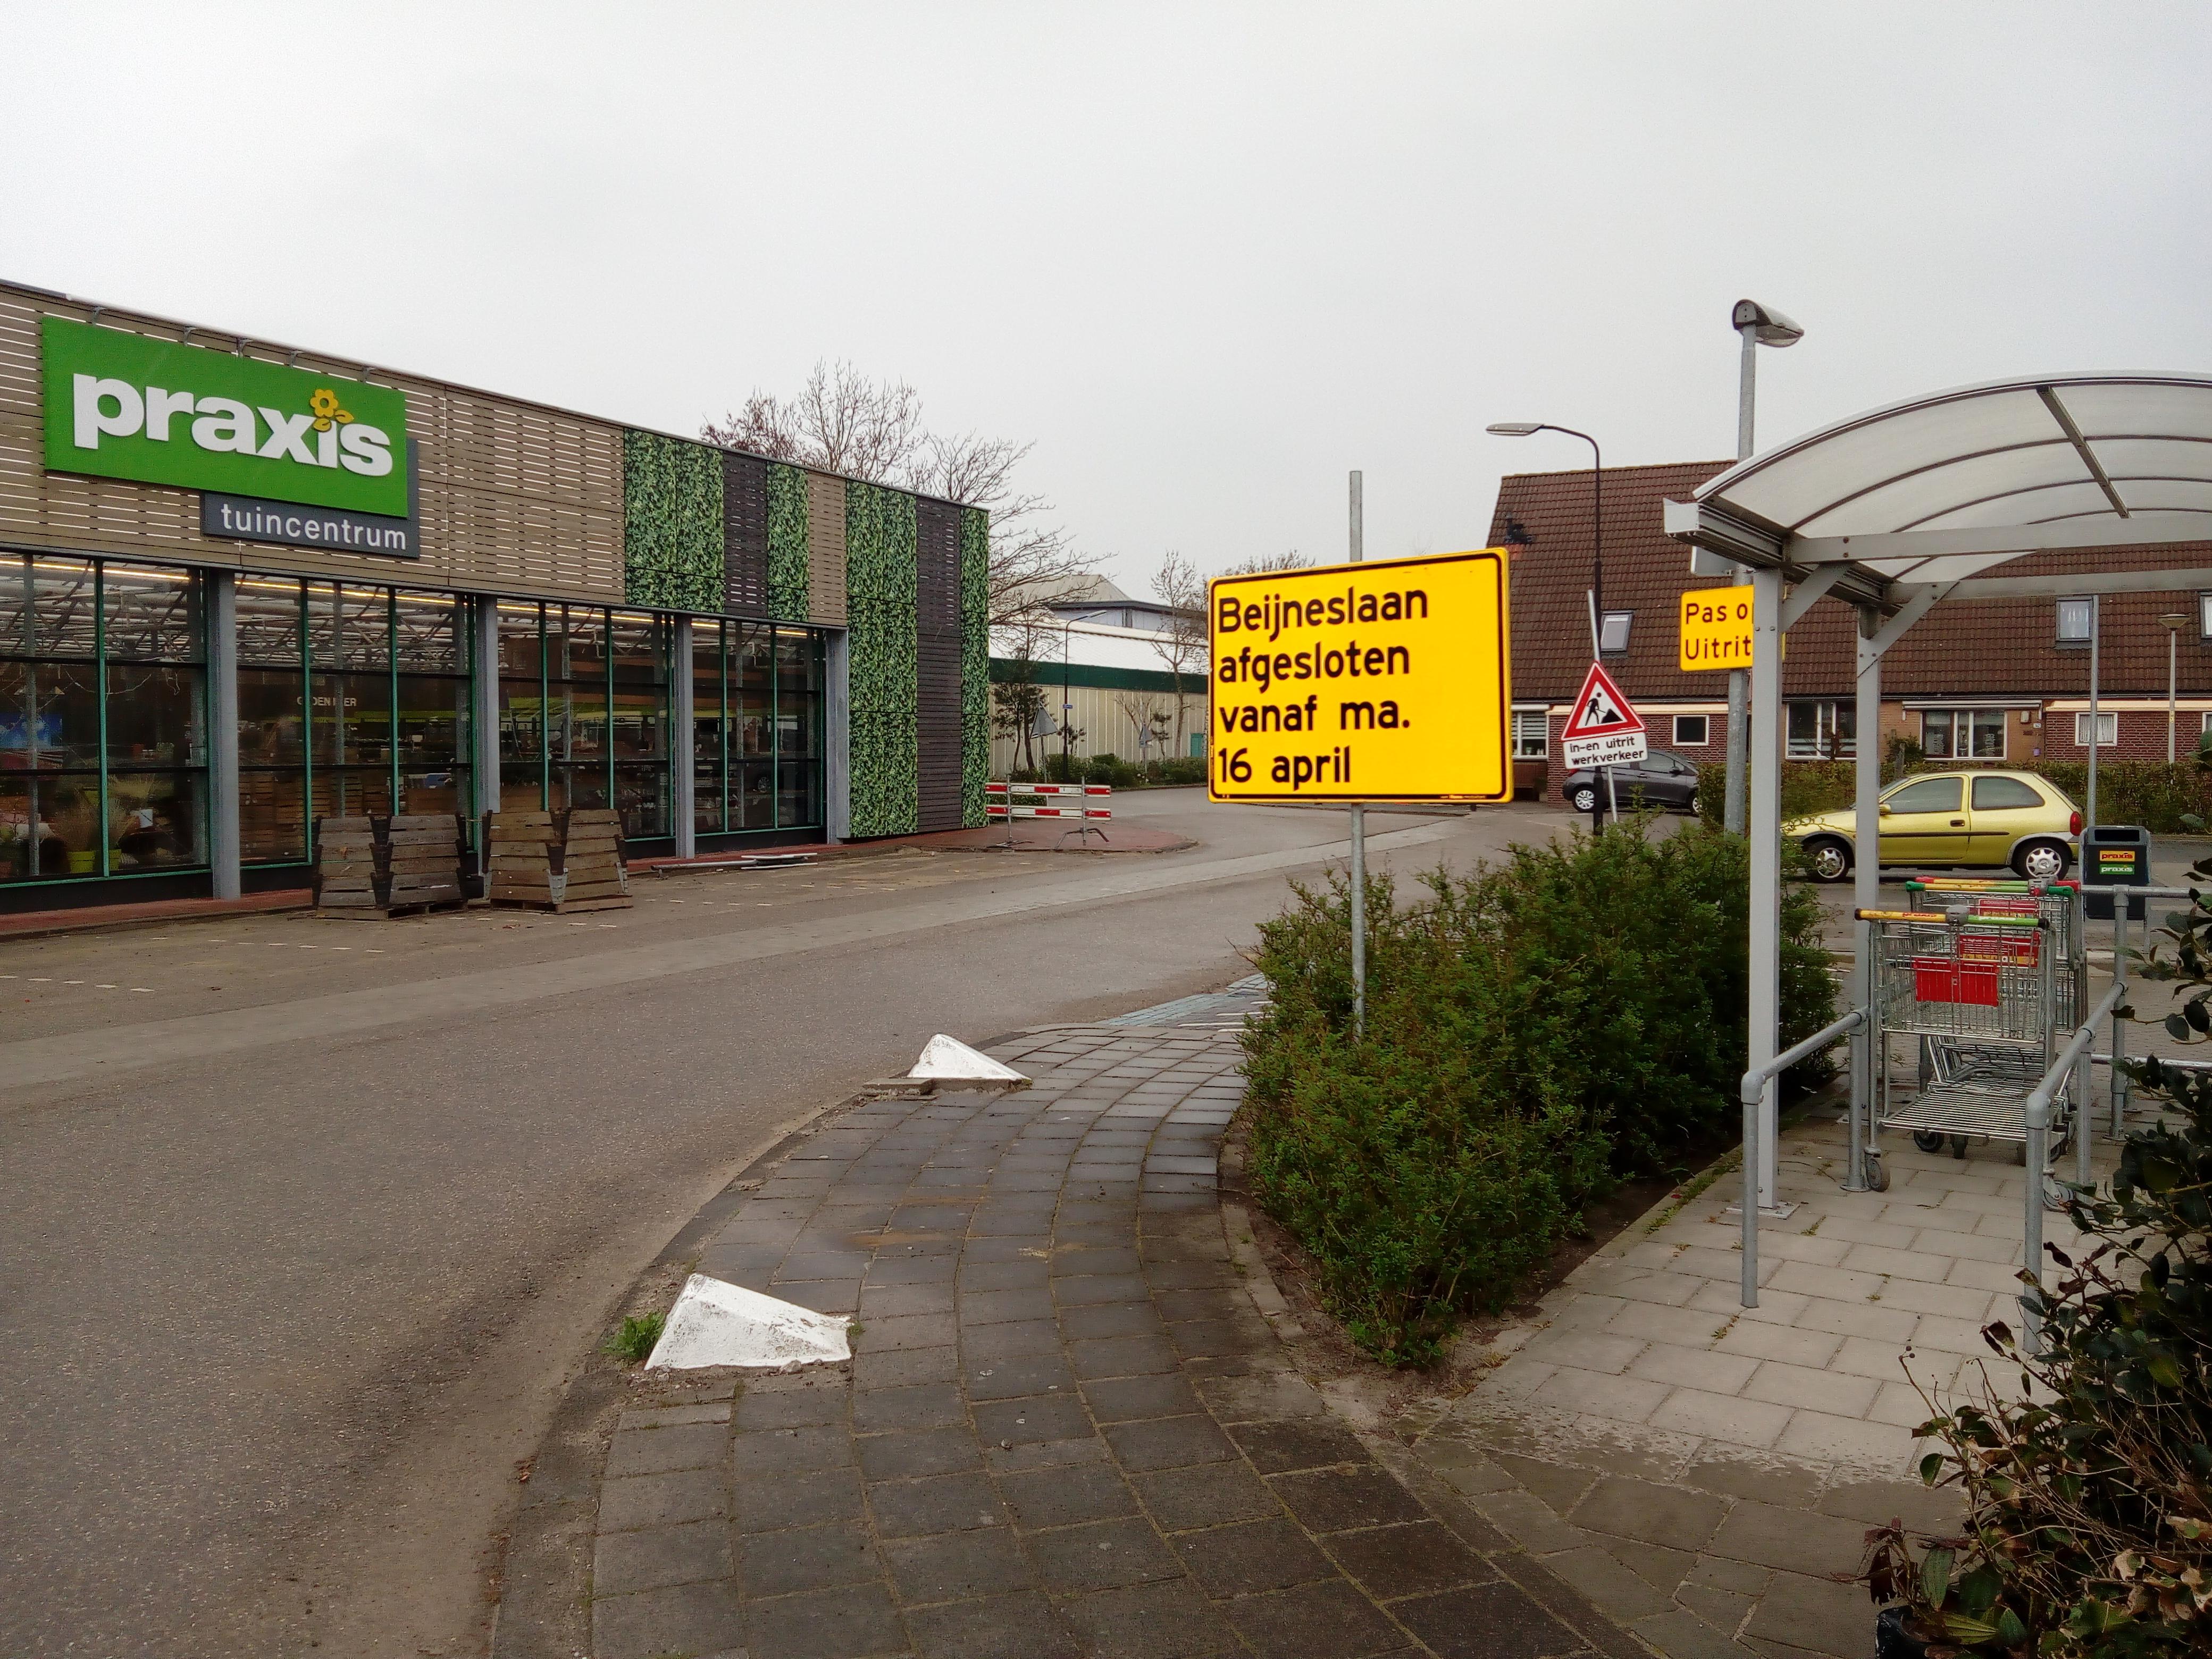 De Beijneslaan in Beverwijk. (Foto: Bos Media Services)